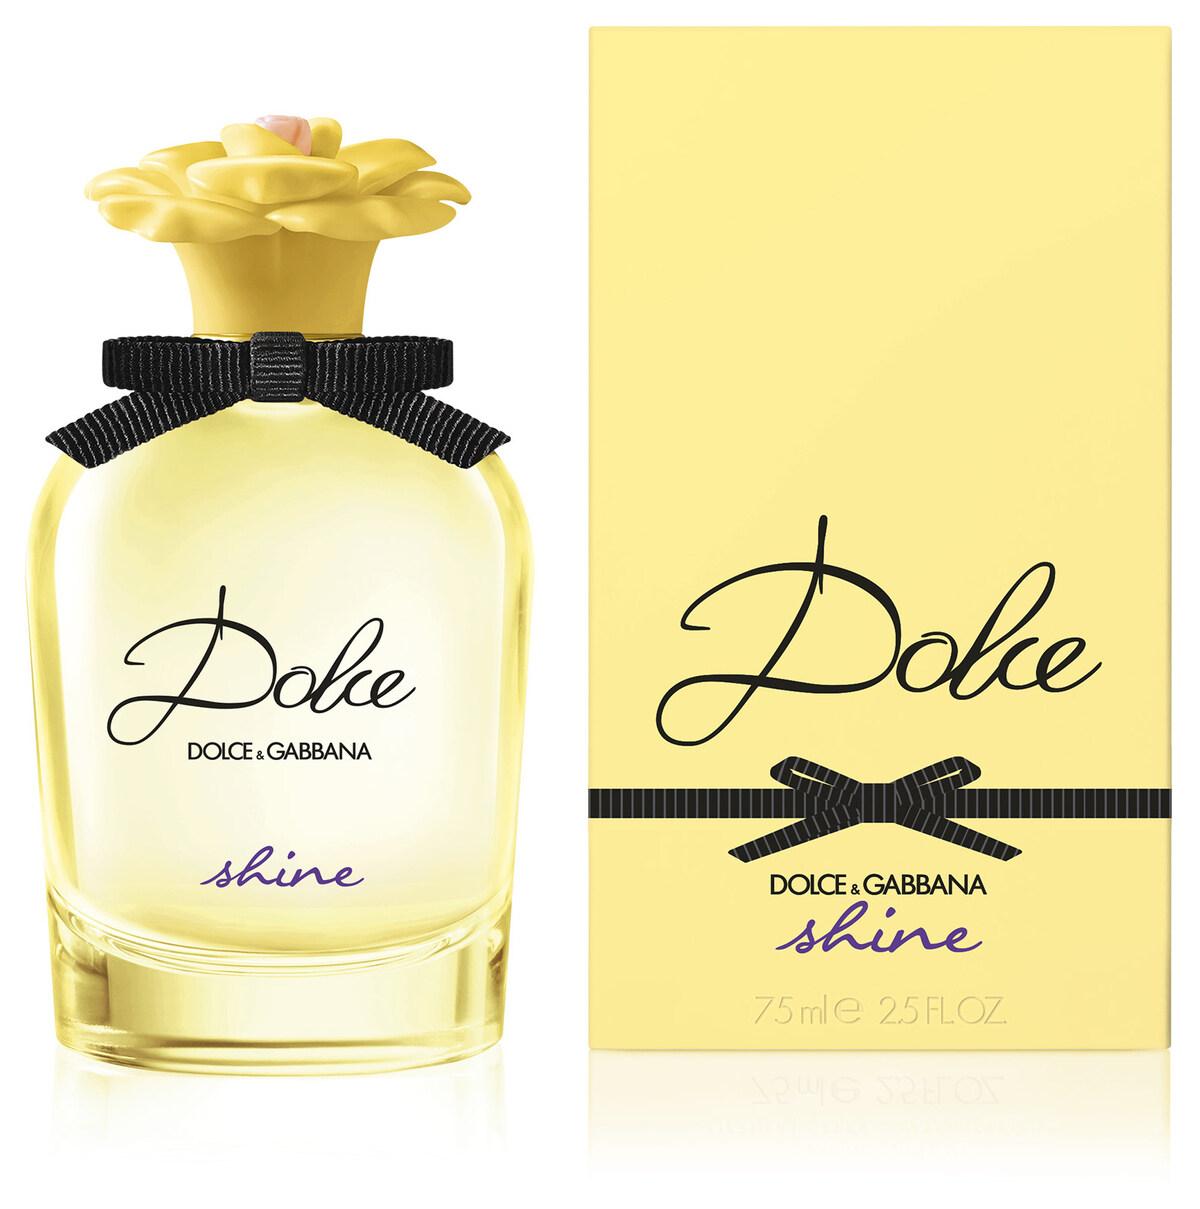 DOLCE SHINE